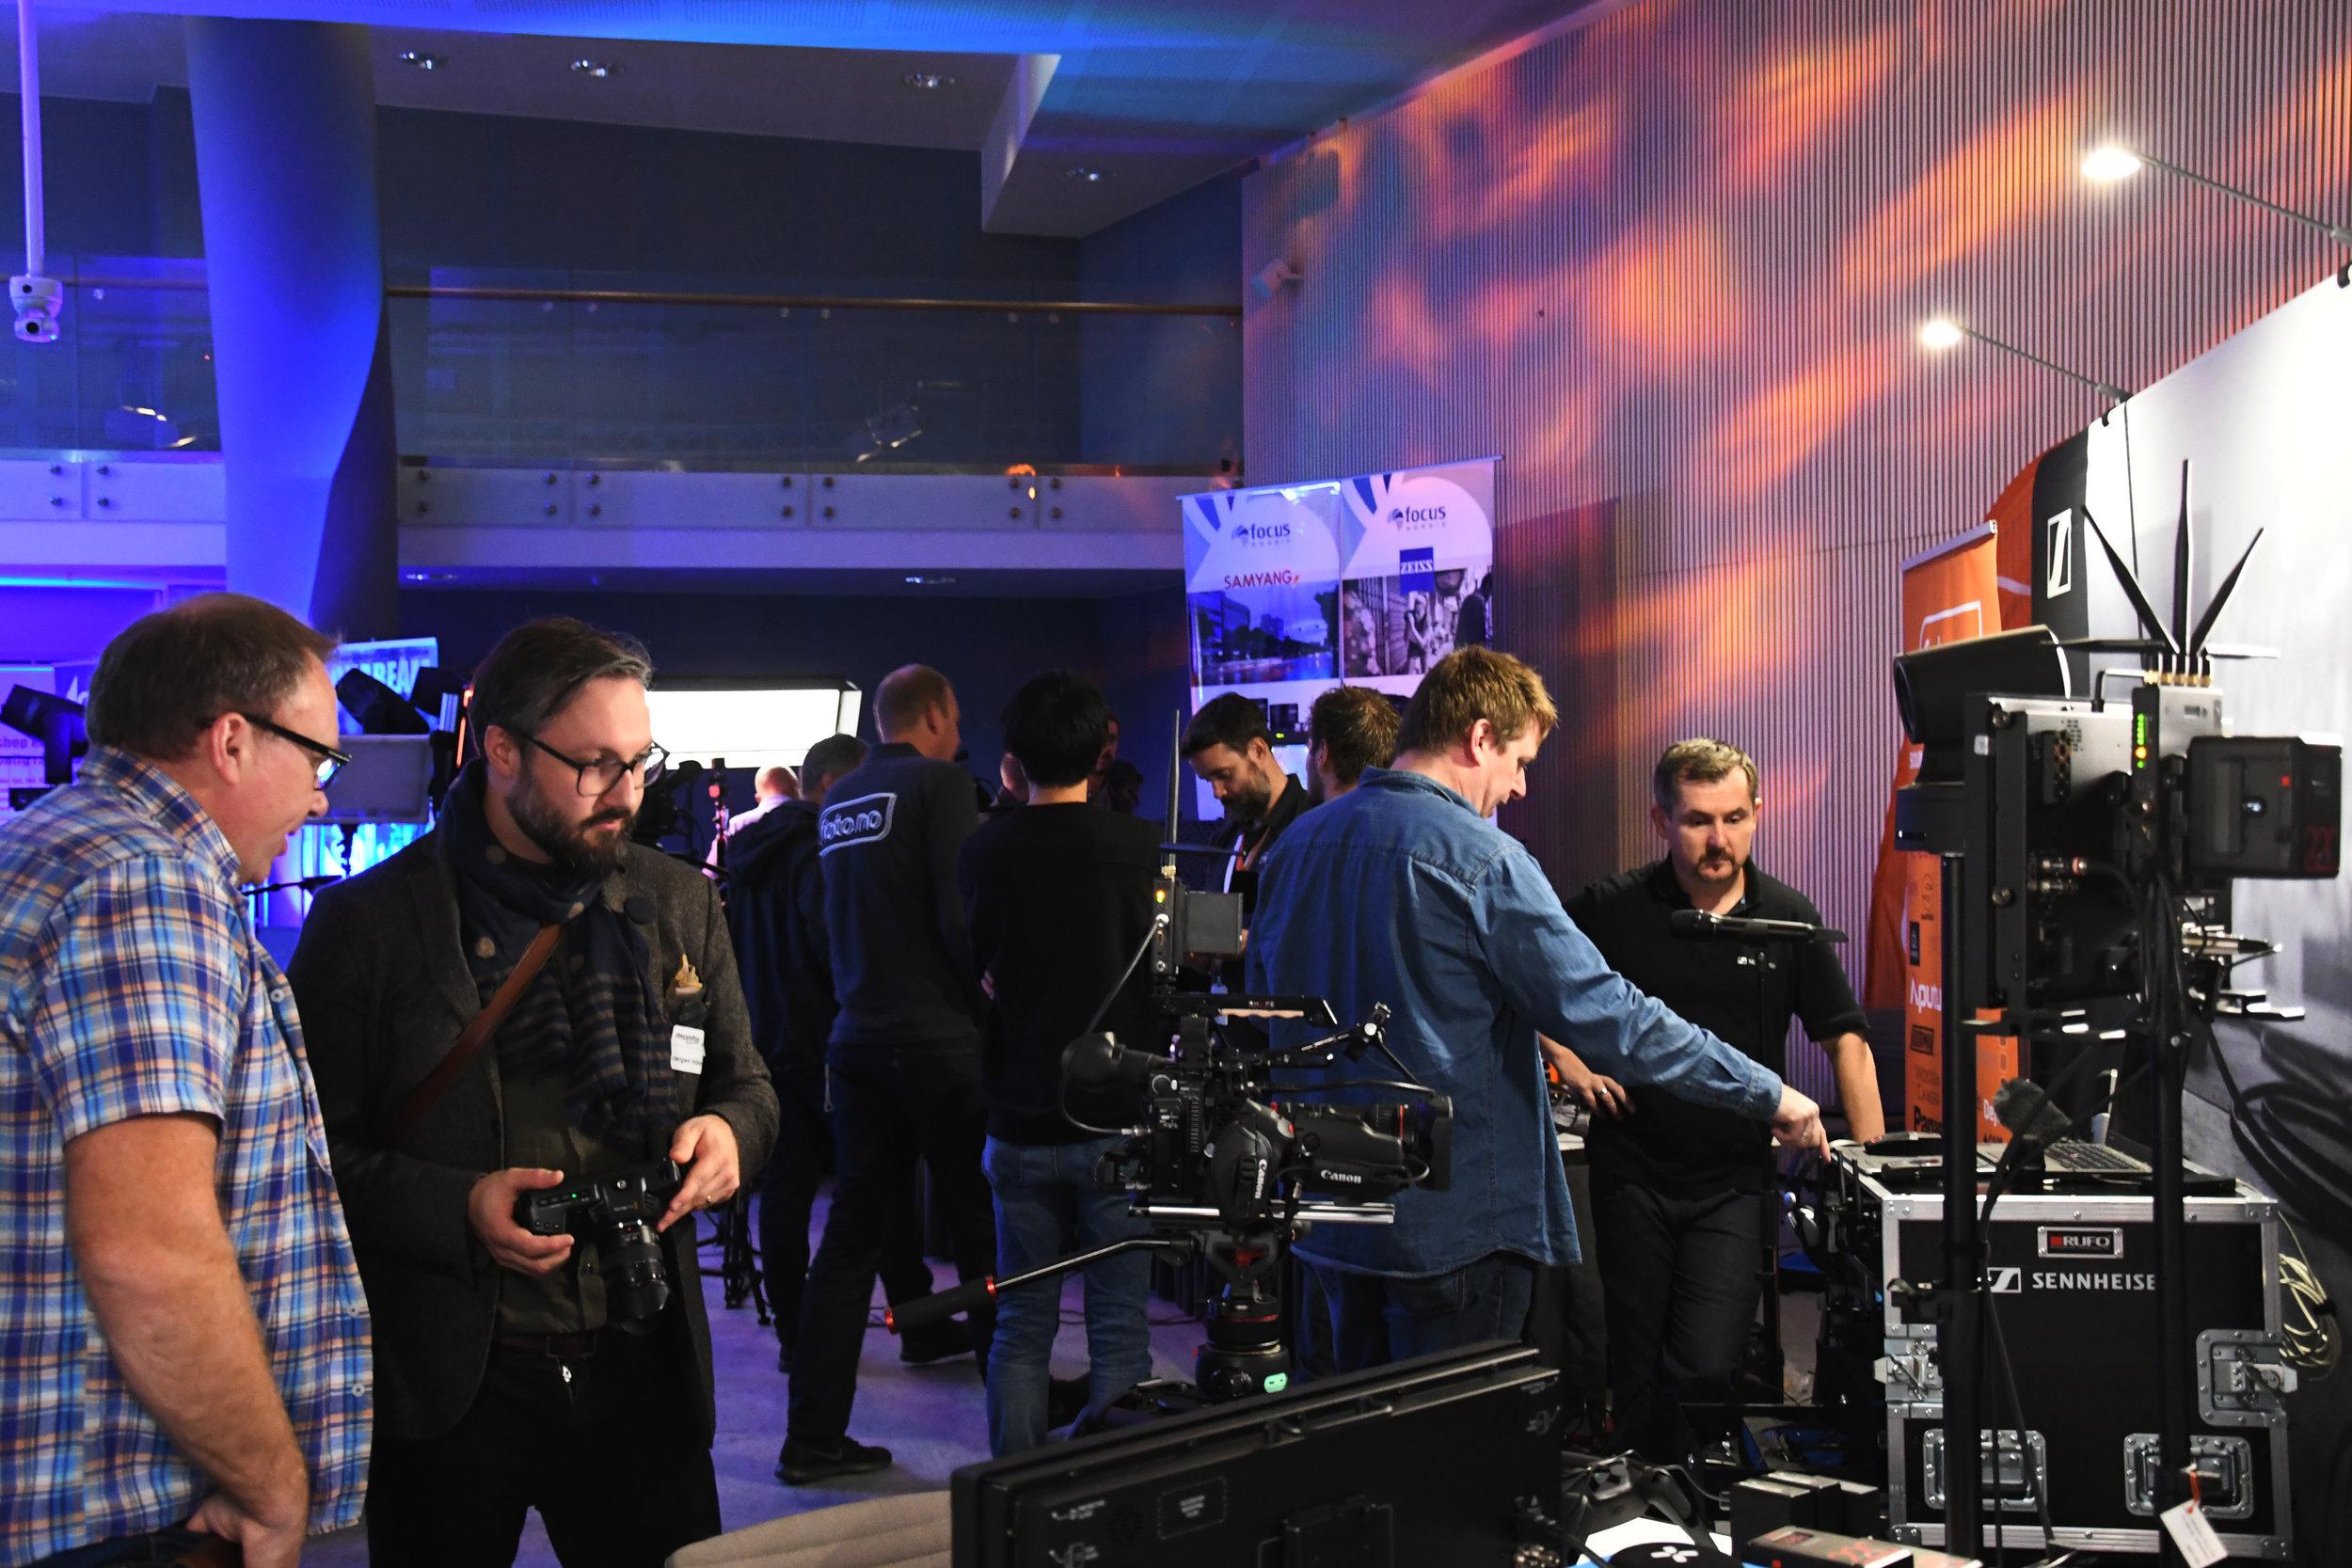 På MonitorRoadShow får du en mulighet til å ta og føle på lyd, lys og bildeteknikk